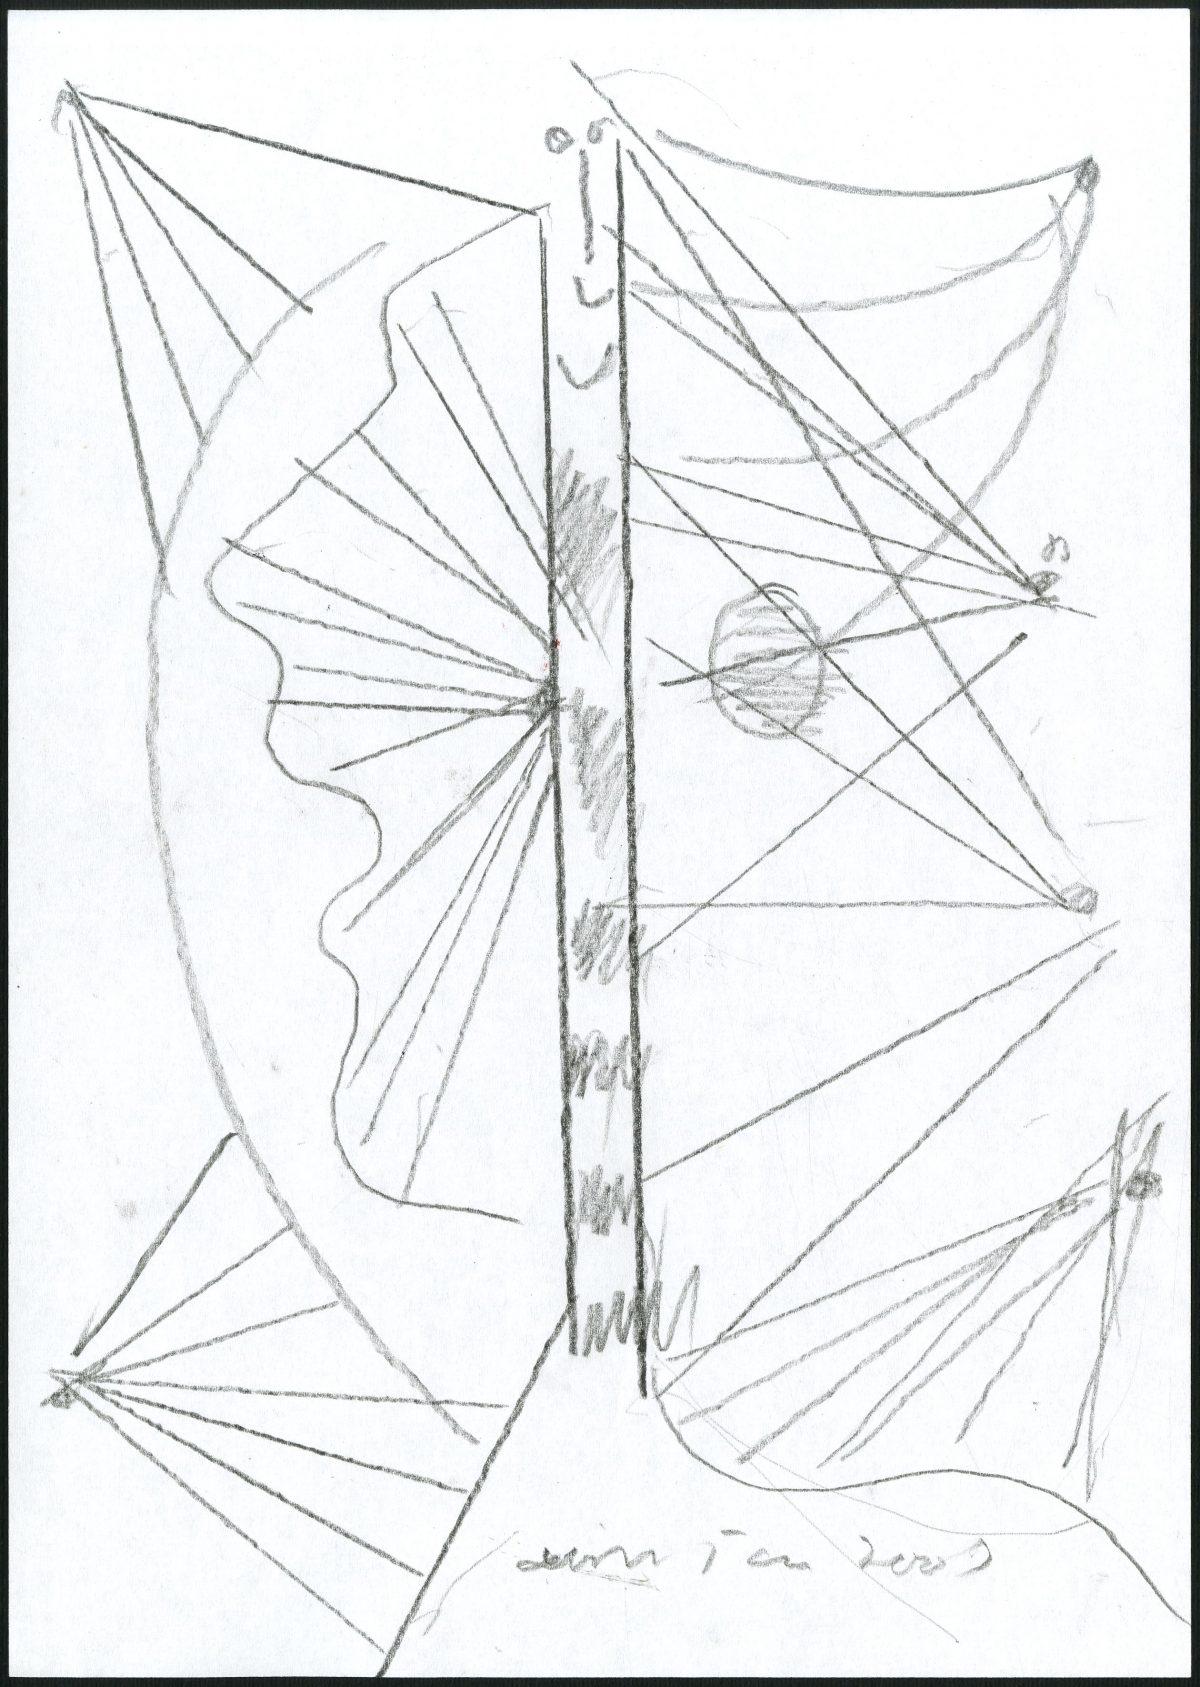 G24004(97)<br/> <b>Cím:</b> Világos <br/> <b>Méret cm:</b> 29,8X21 <br/> <b>Készült:</b> 2007. <br/> <b>Technika:</b> ceruza<br/>